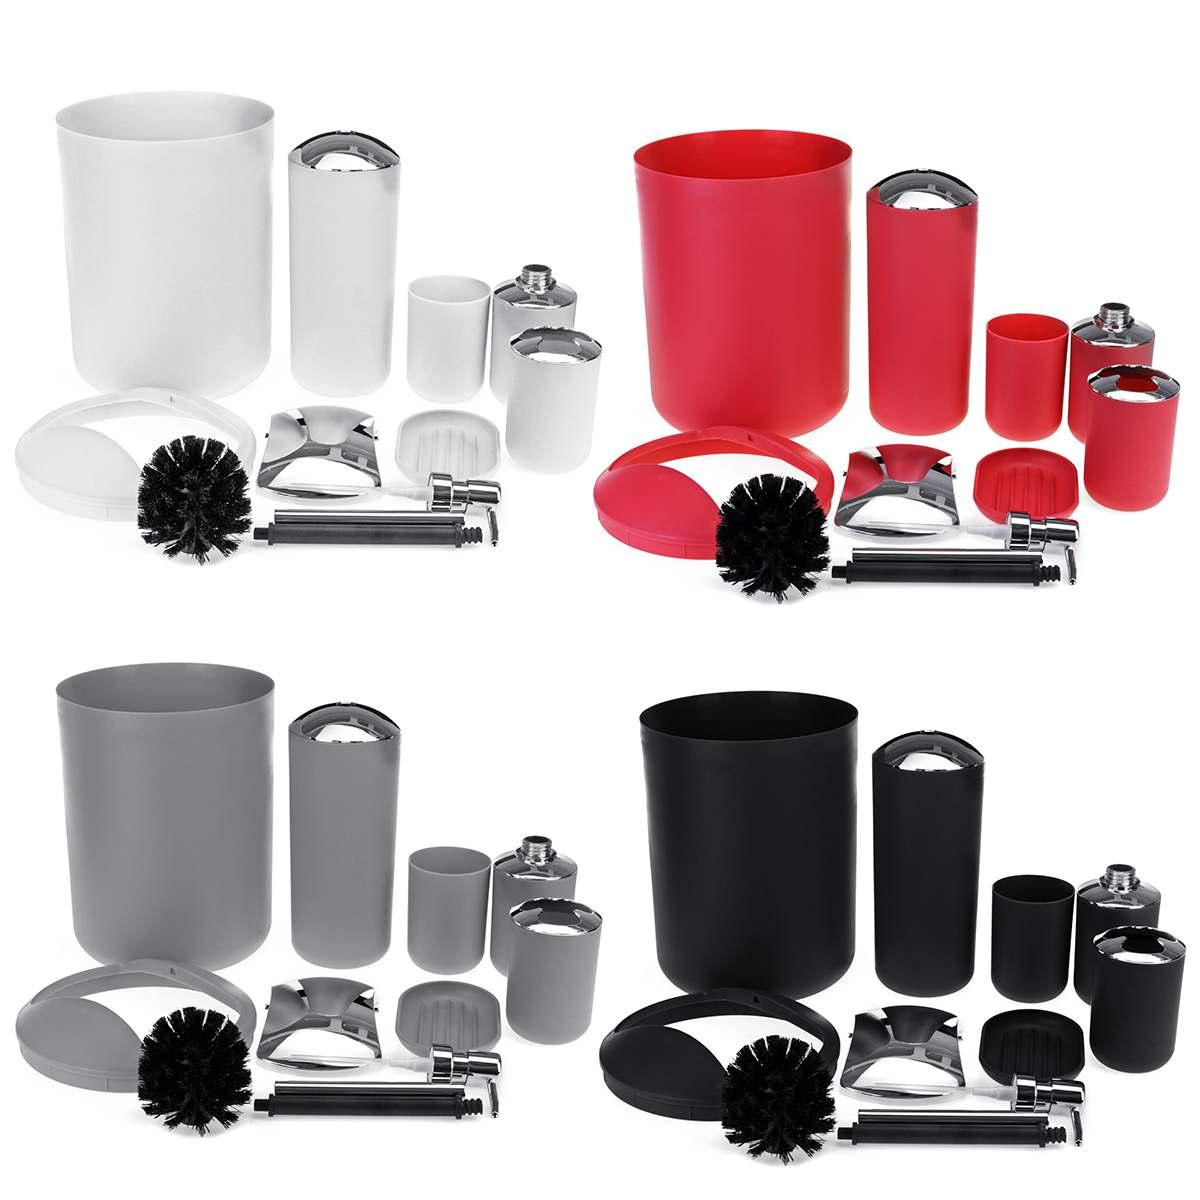 6 teile/satz Luxus Bad Zubehör Kunststoff Zahnbürste Halter Tasse Seife Dispenser Dish Wc Pinsel Halter Mülleimer Set